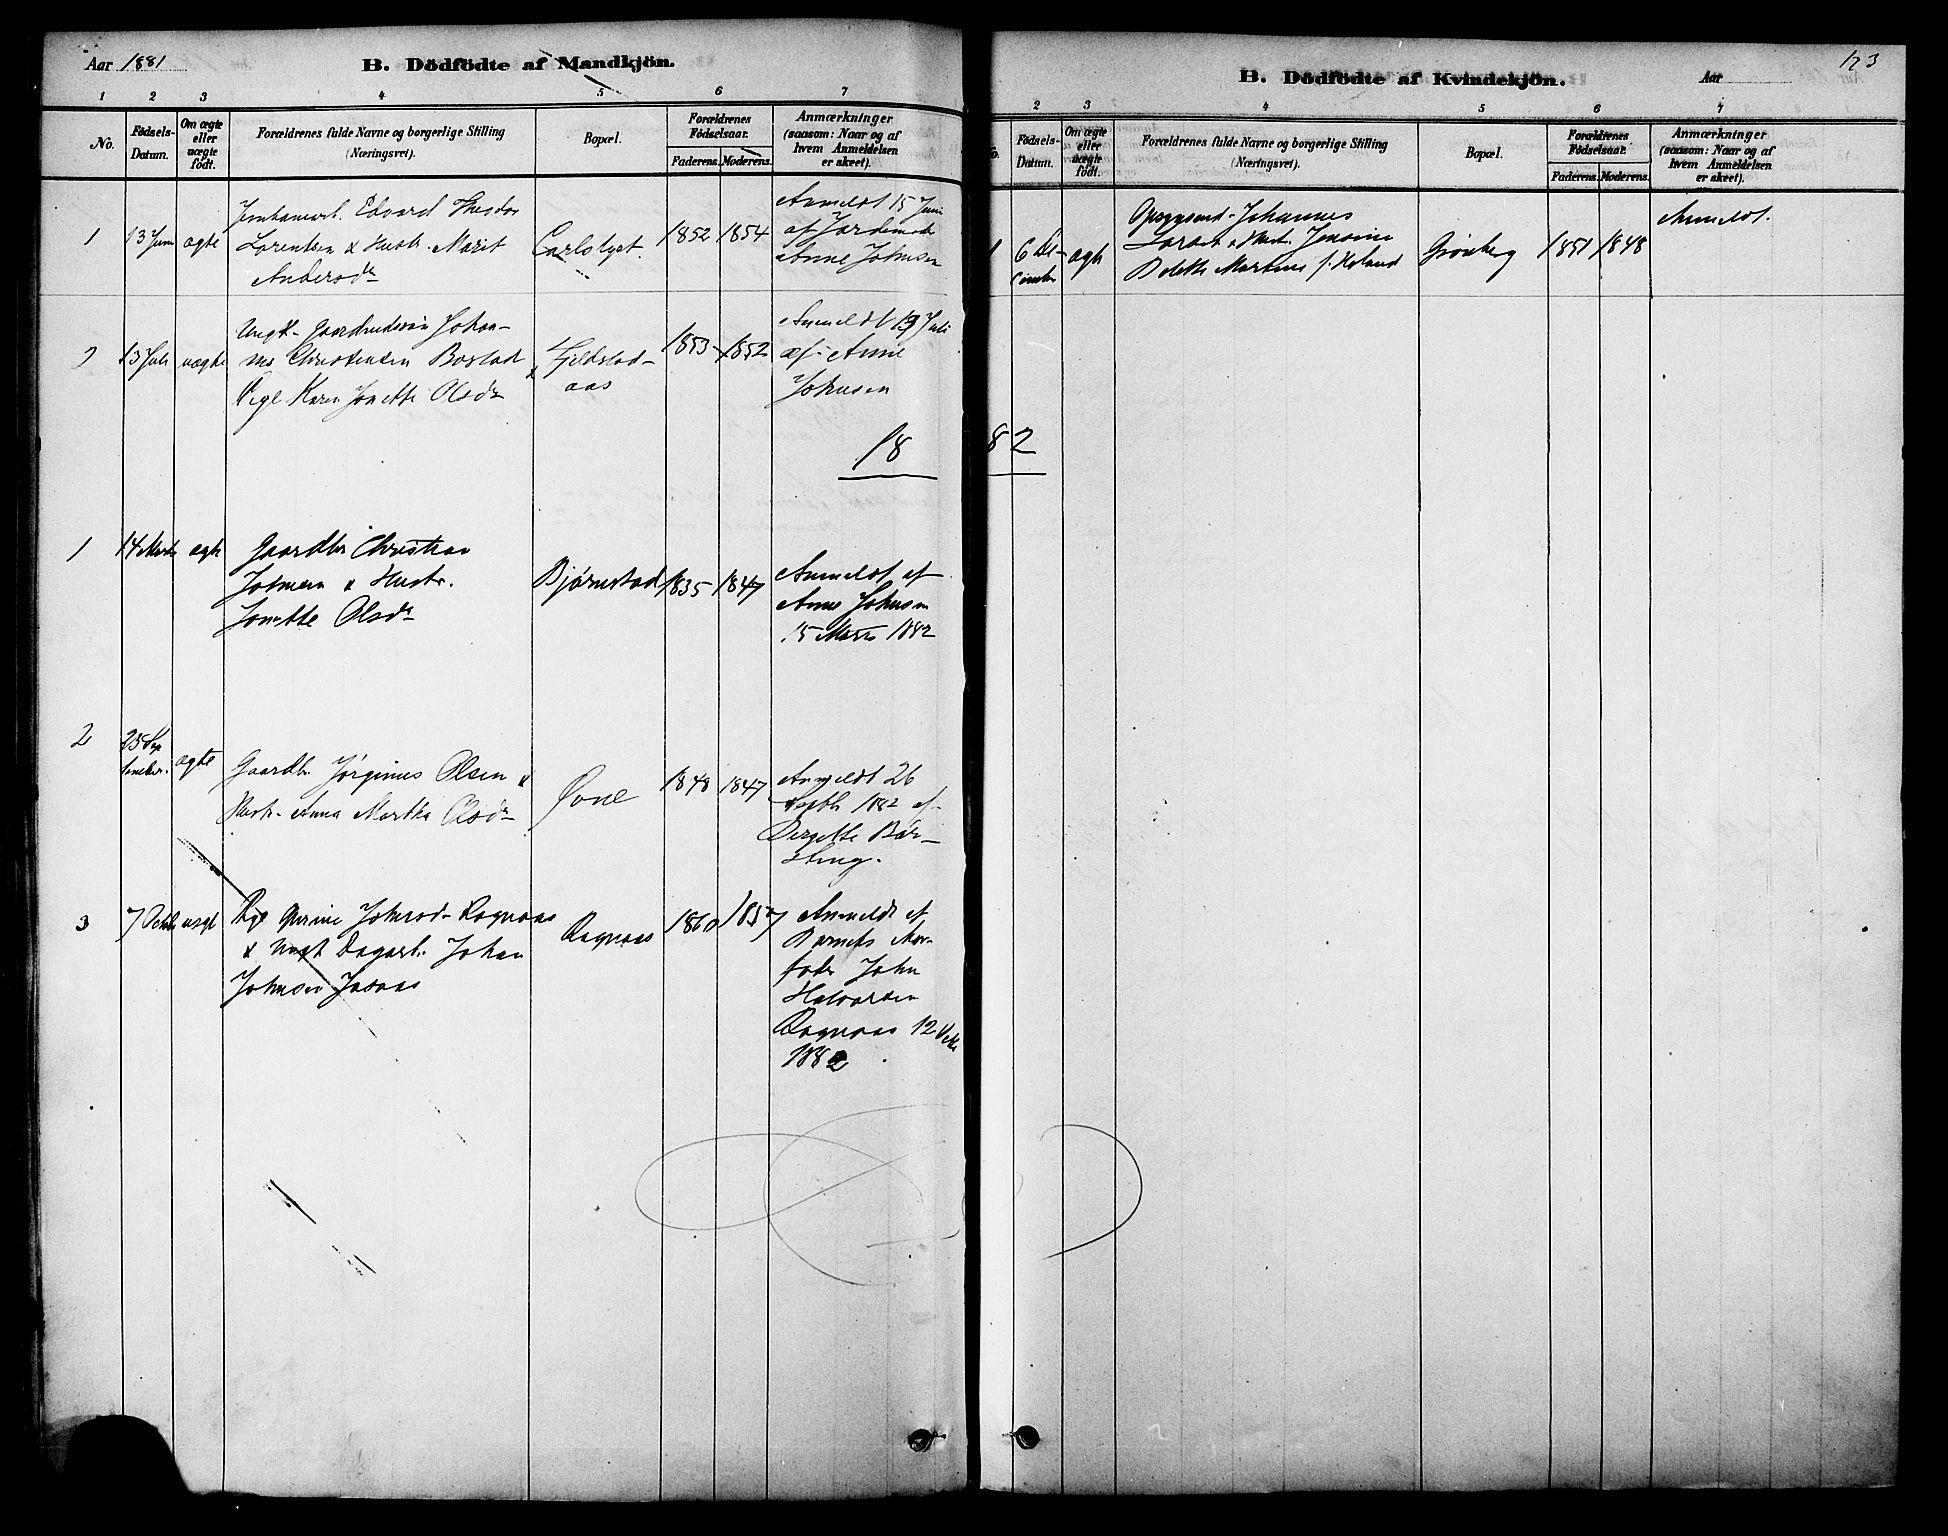 SAT, Ministerialprotokoller, klokkerbøker og fødselsregistre - Sør-Trøndelag, 616/L0410: Ministerialbok nr. 616A07, 1878-1893, s. 123